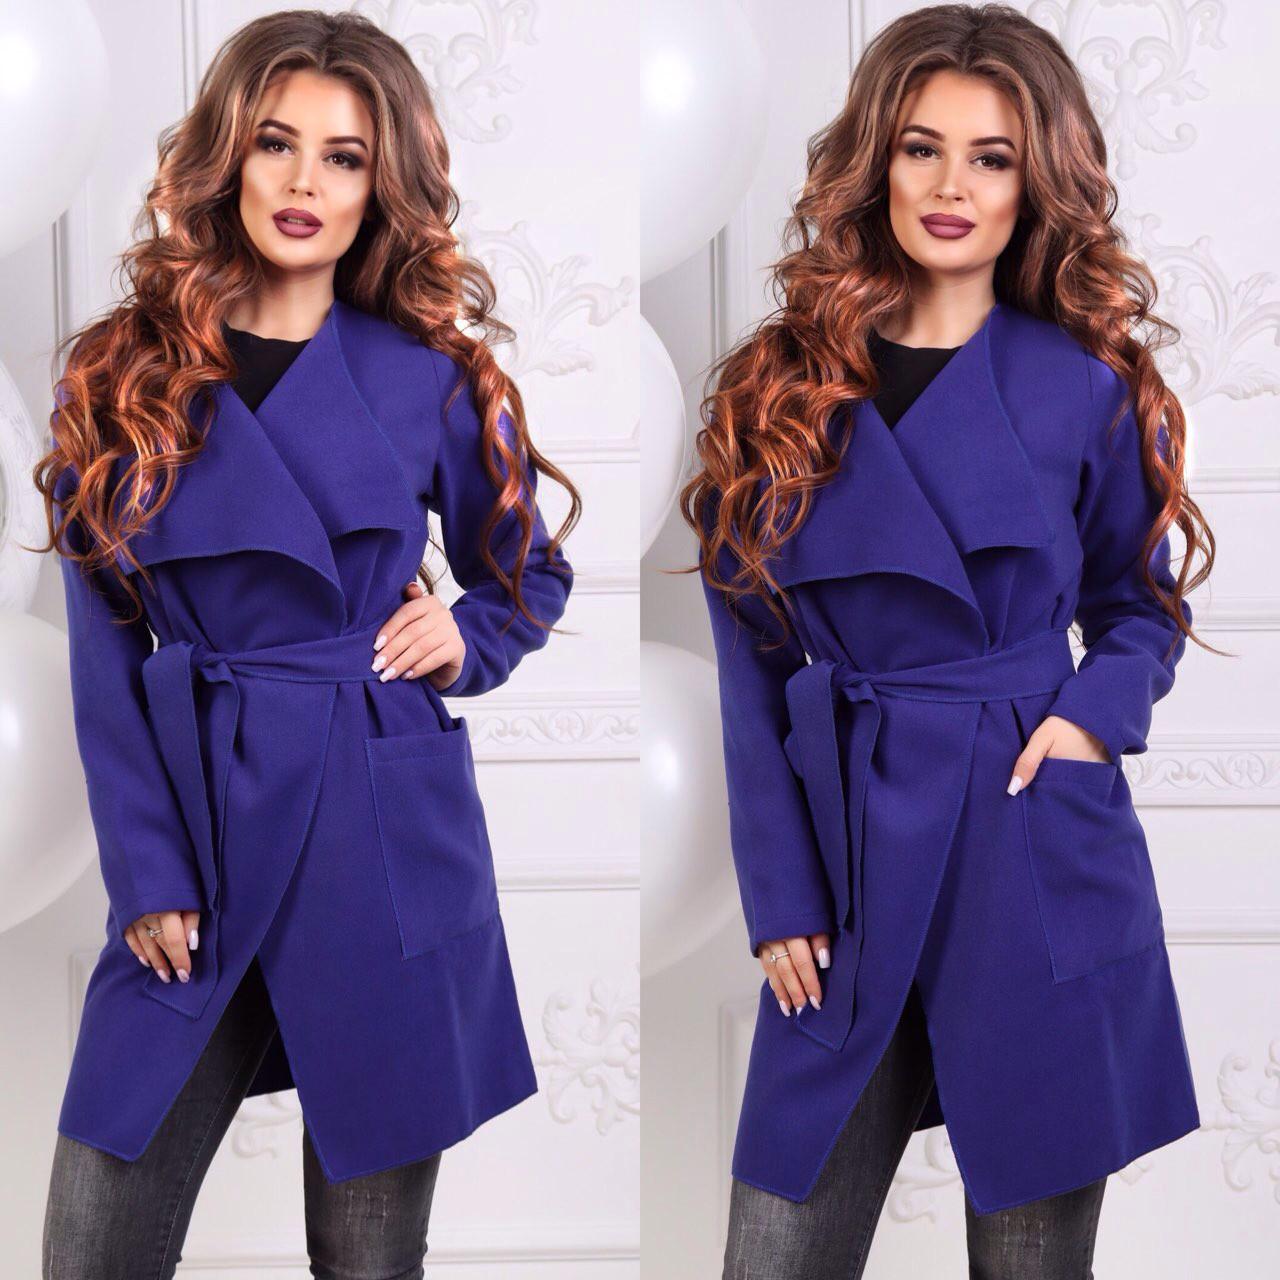 Пальто женское купить по низкой цене в Украине  продажа d4ac1e4d8726d